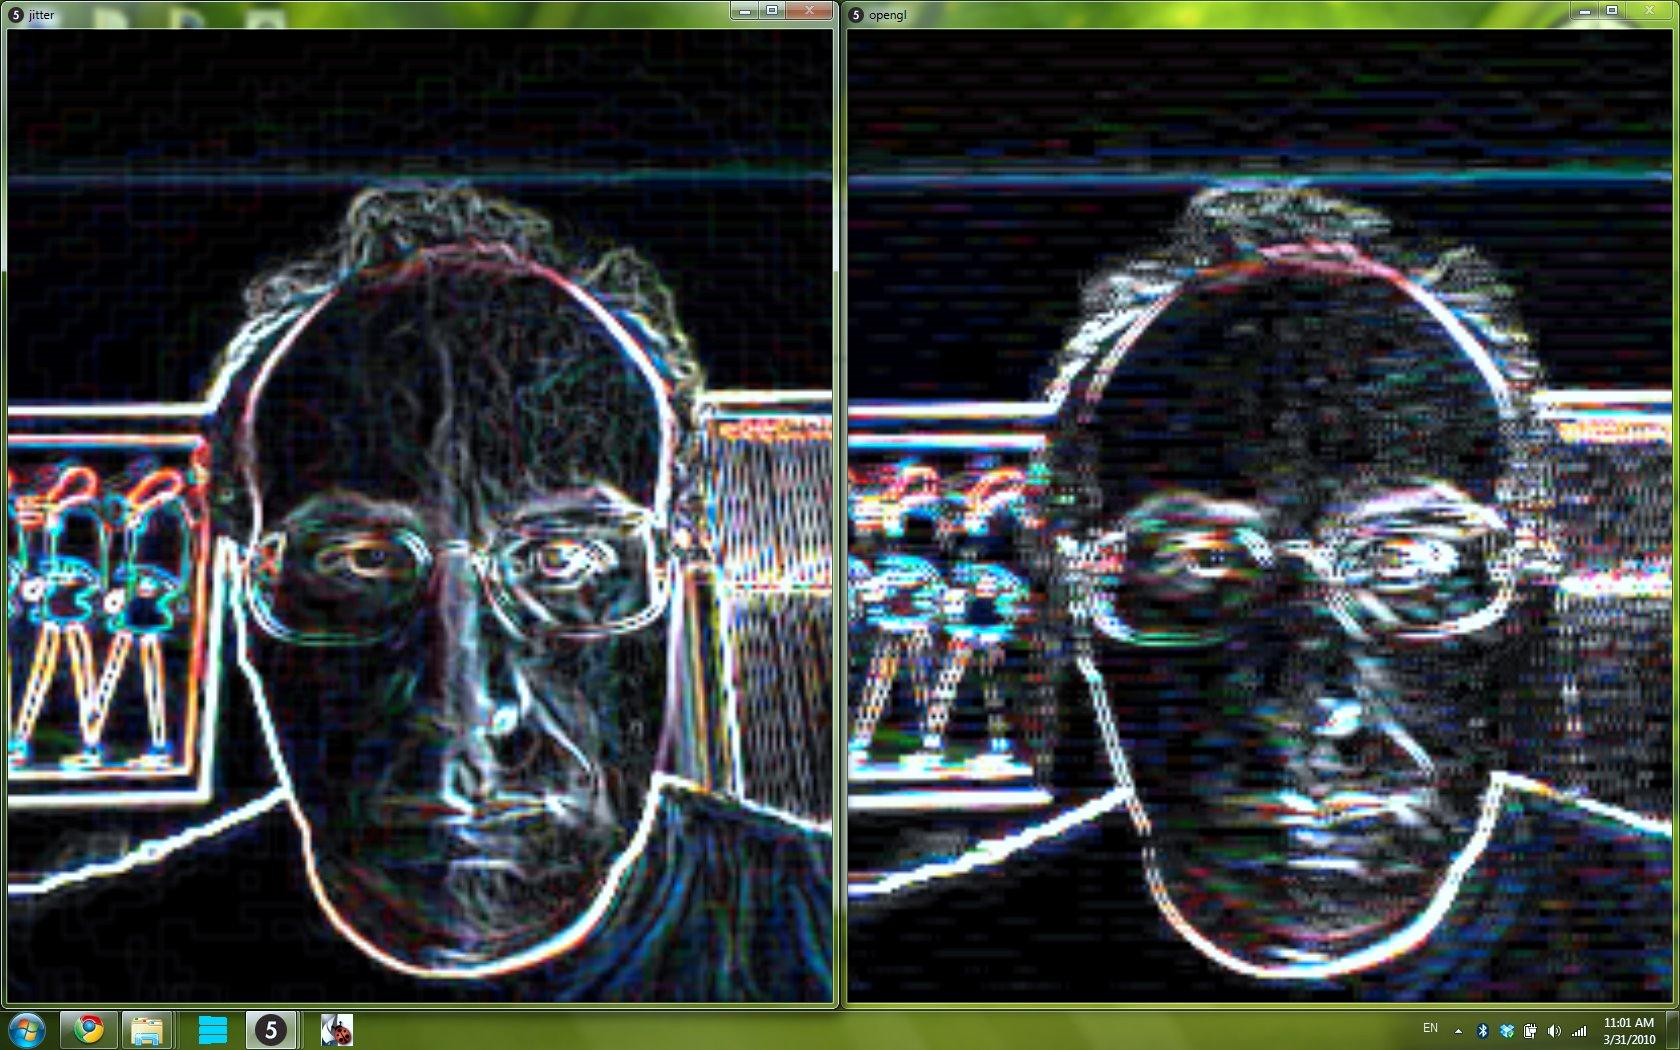 jitter_vs_opengl.jpg